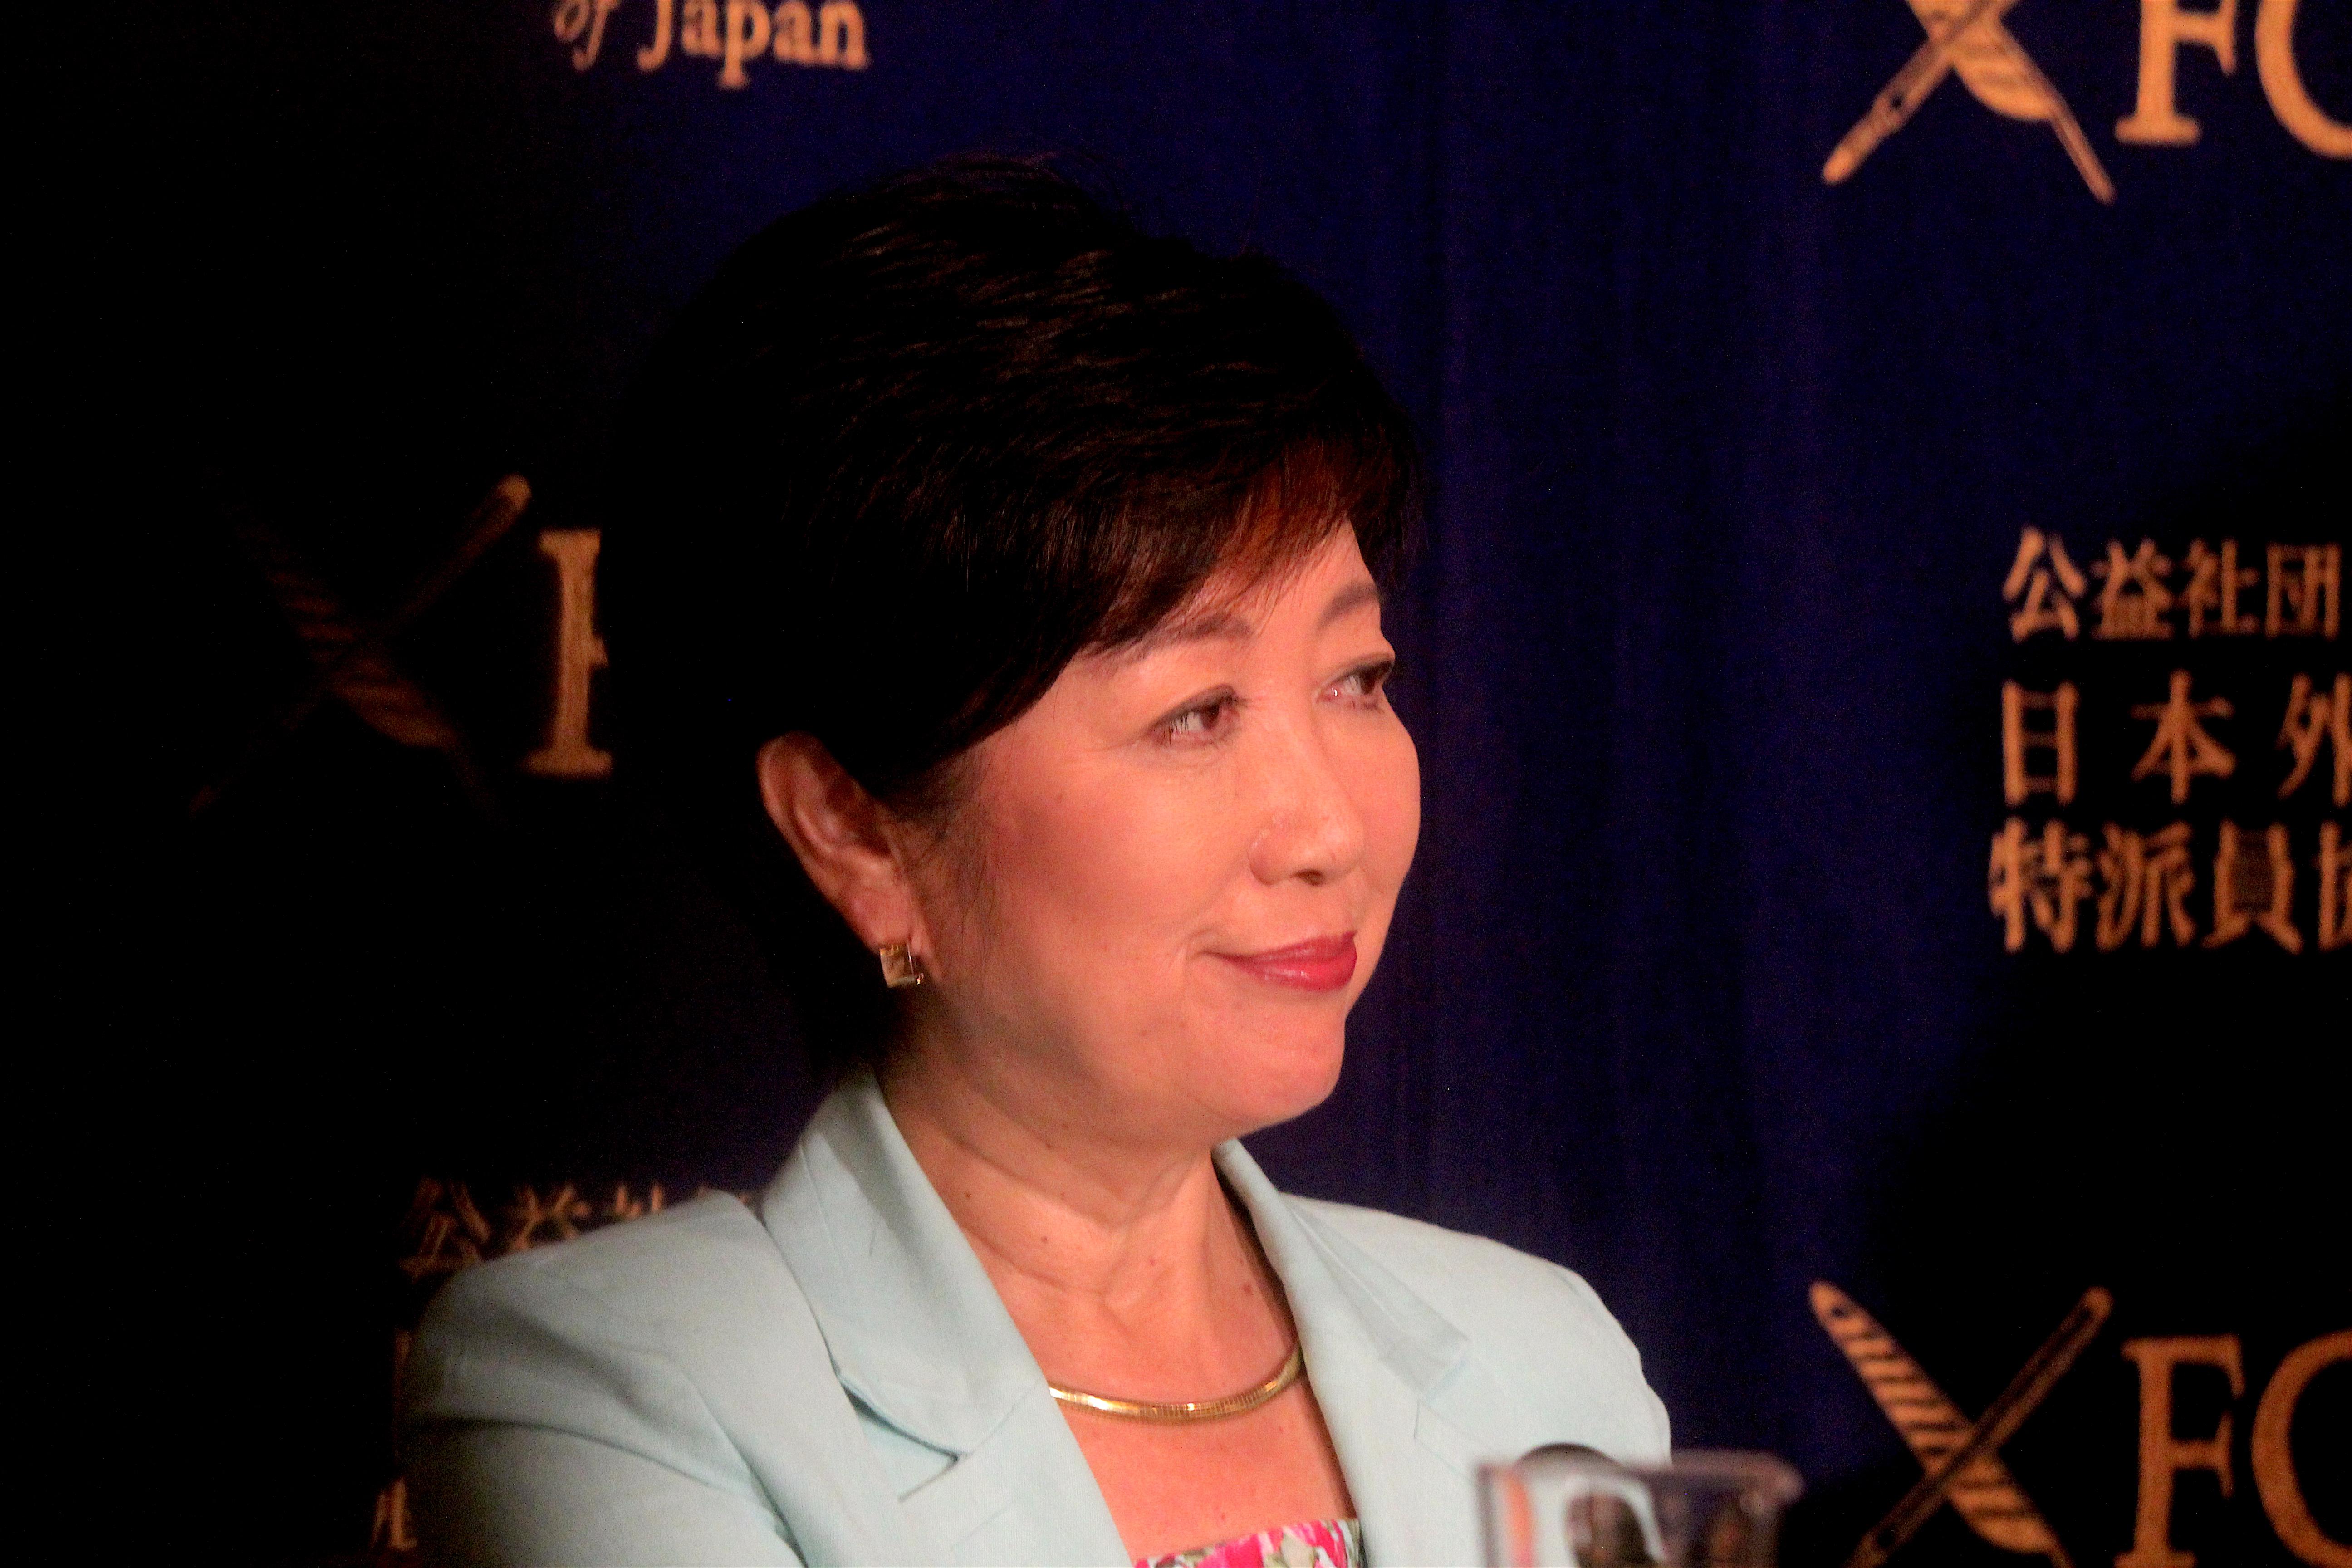 小池百合子 東京都知事選挙/2016